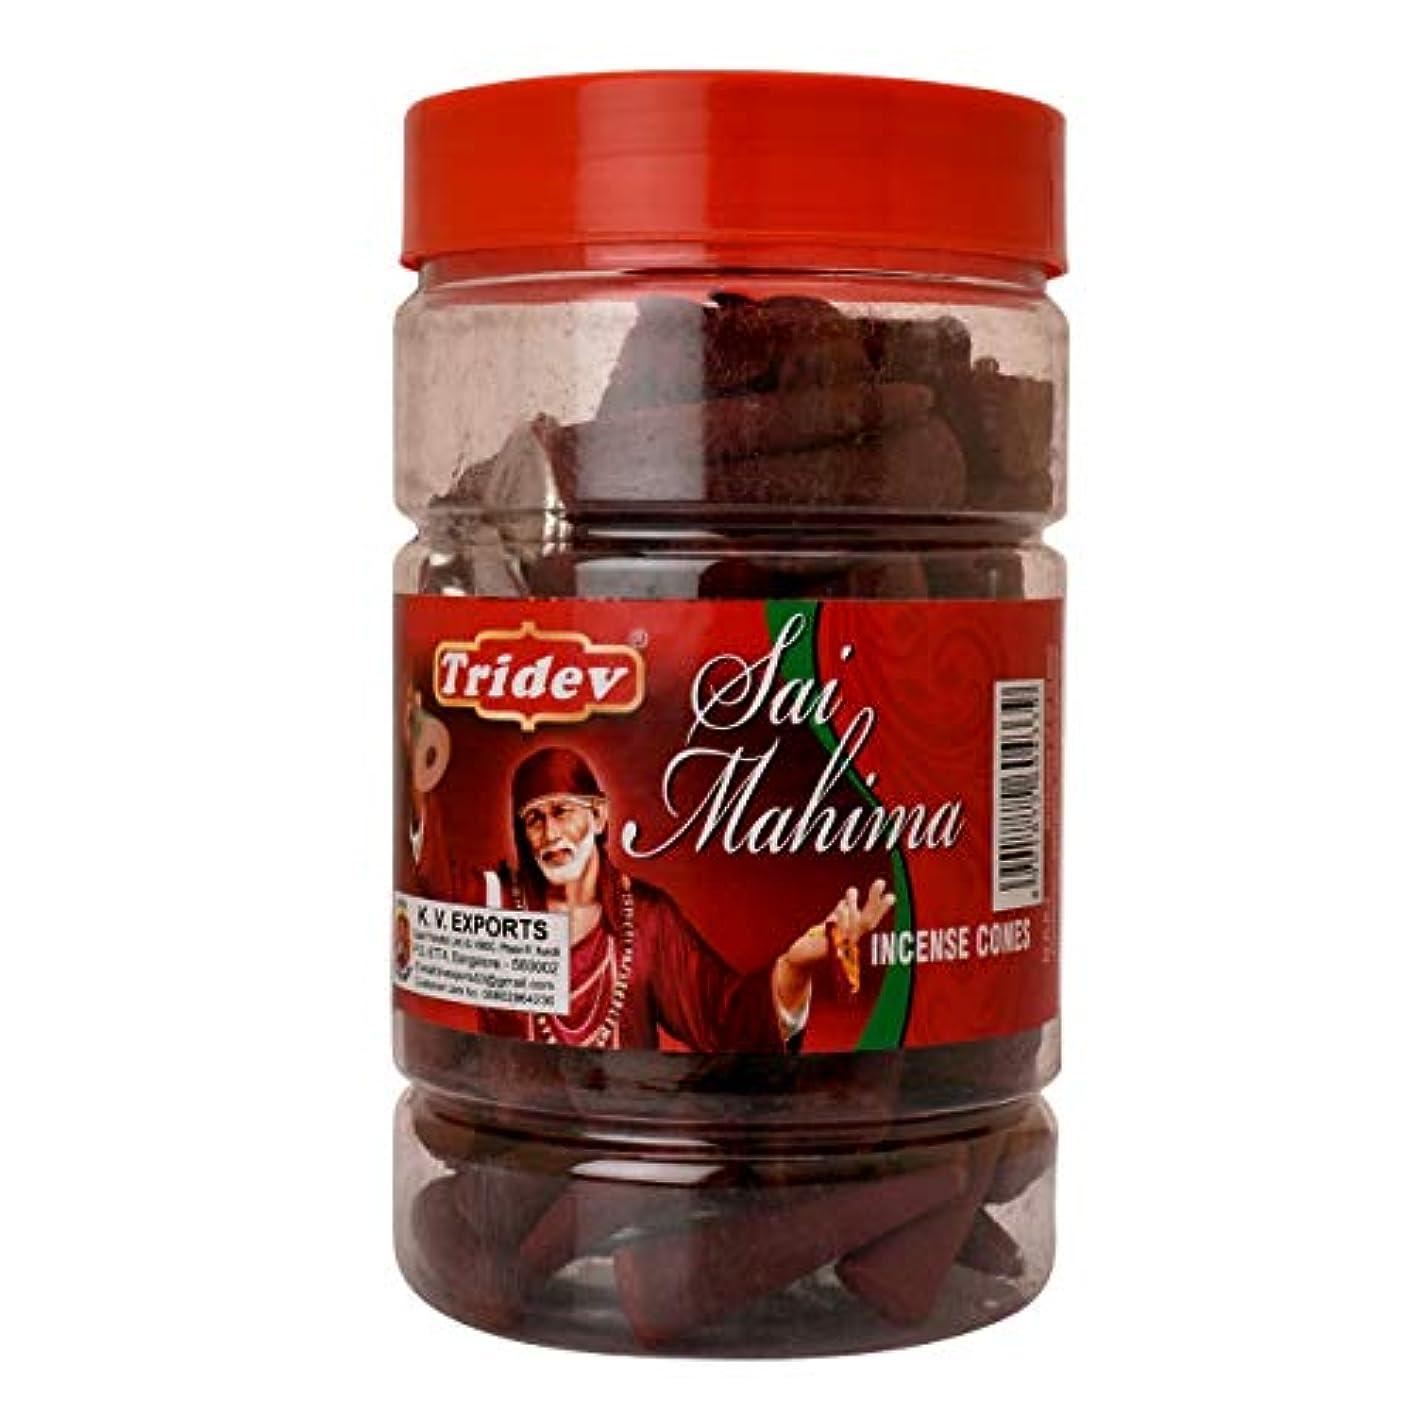 振動する誘惑する意志Tridev Sai Mahima フレグランス コーン型お香瓶 1350グラム ボックス入り | 6瓶 225グラム 箱入り | 輸出品質